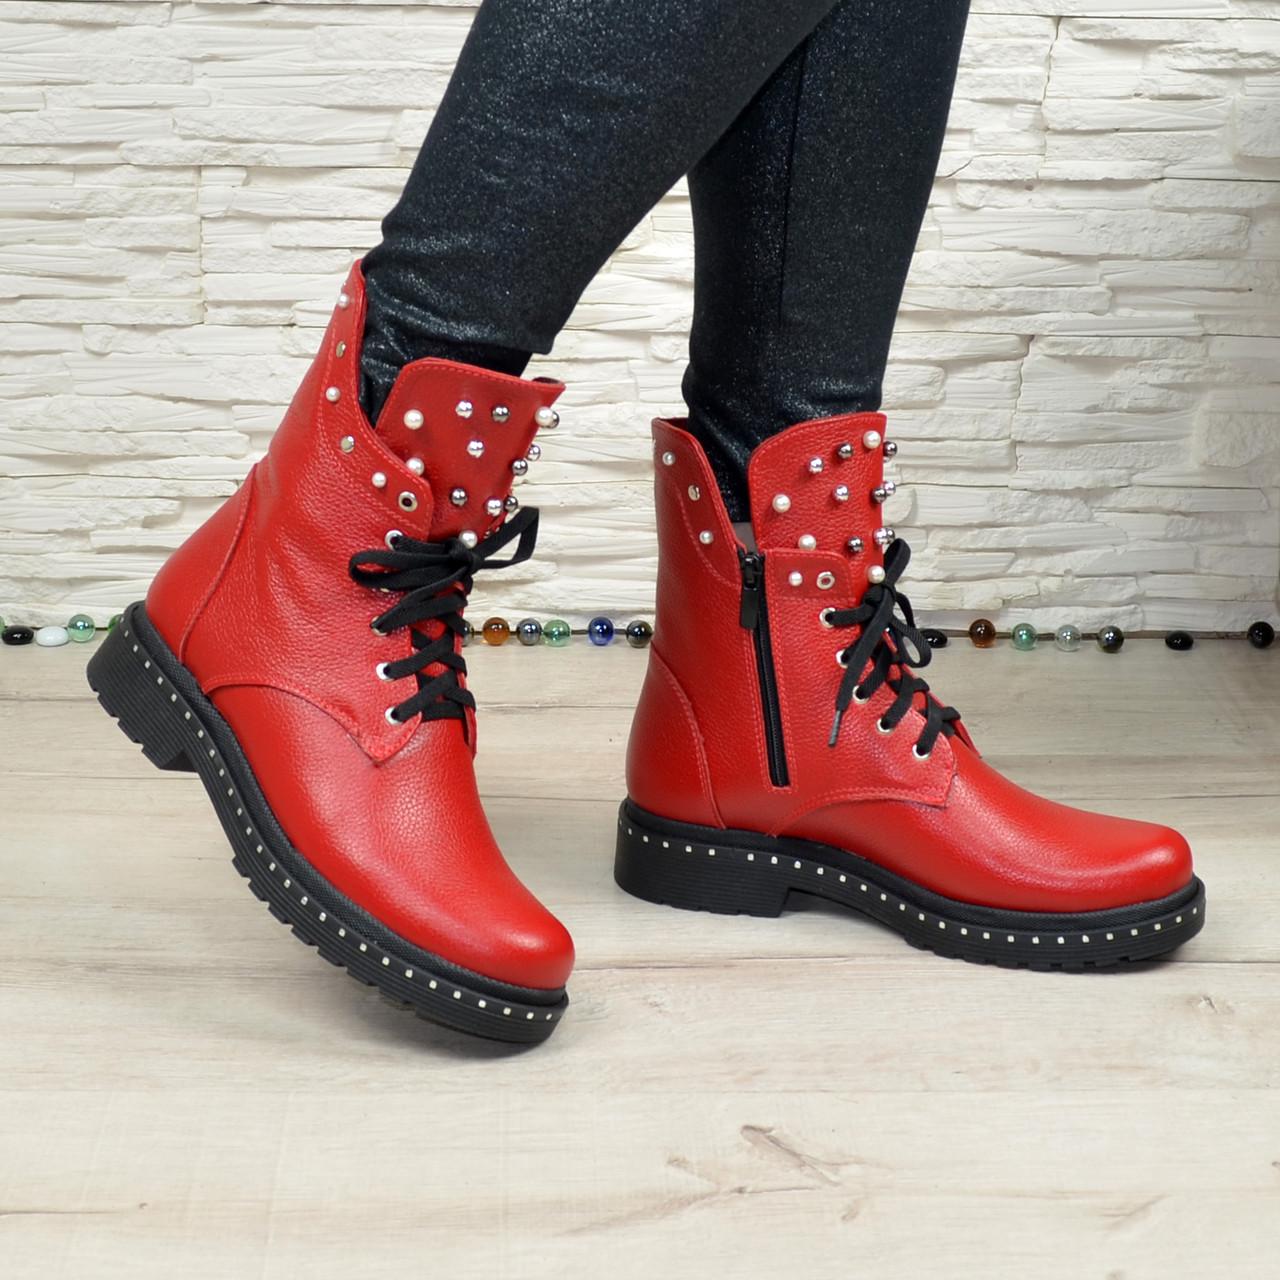 Черевики на товстій підошві, на шнурках, з натуральної шкіри флотар червоного кольору